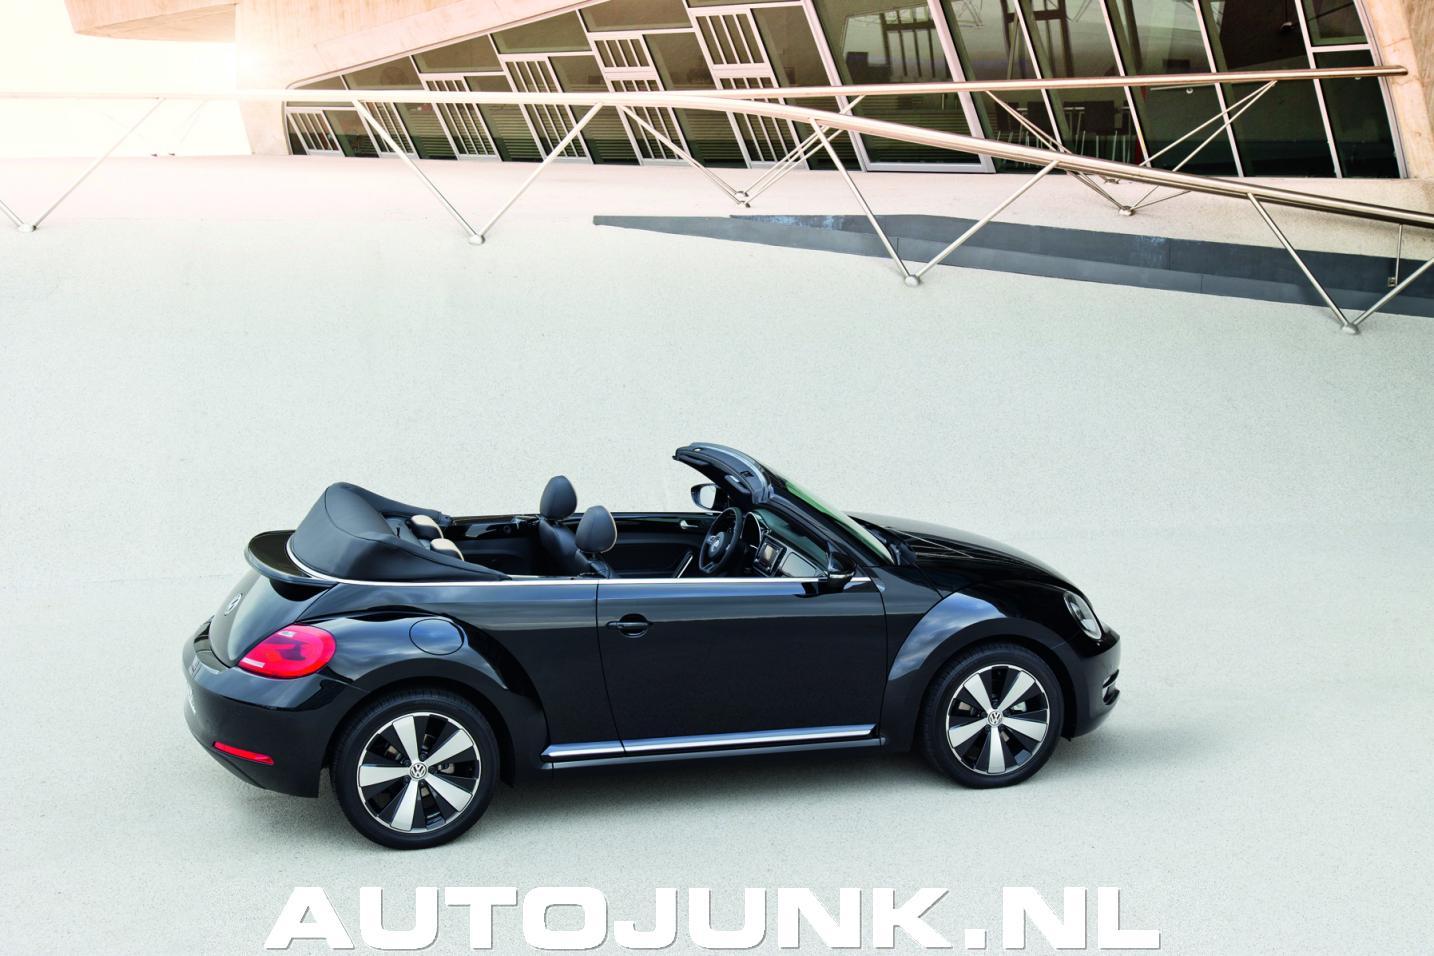 Vw Beetle En Beetle Cabrio Exclusive Foto S 187 Autojunk